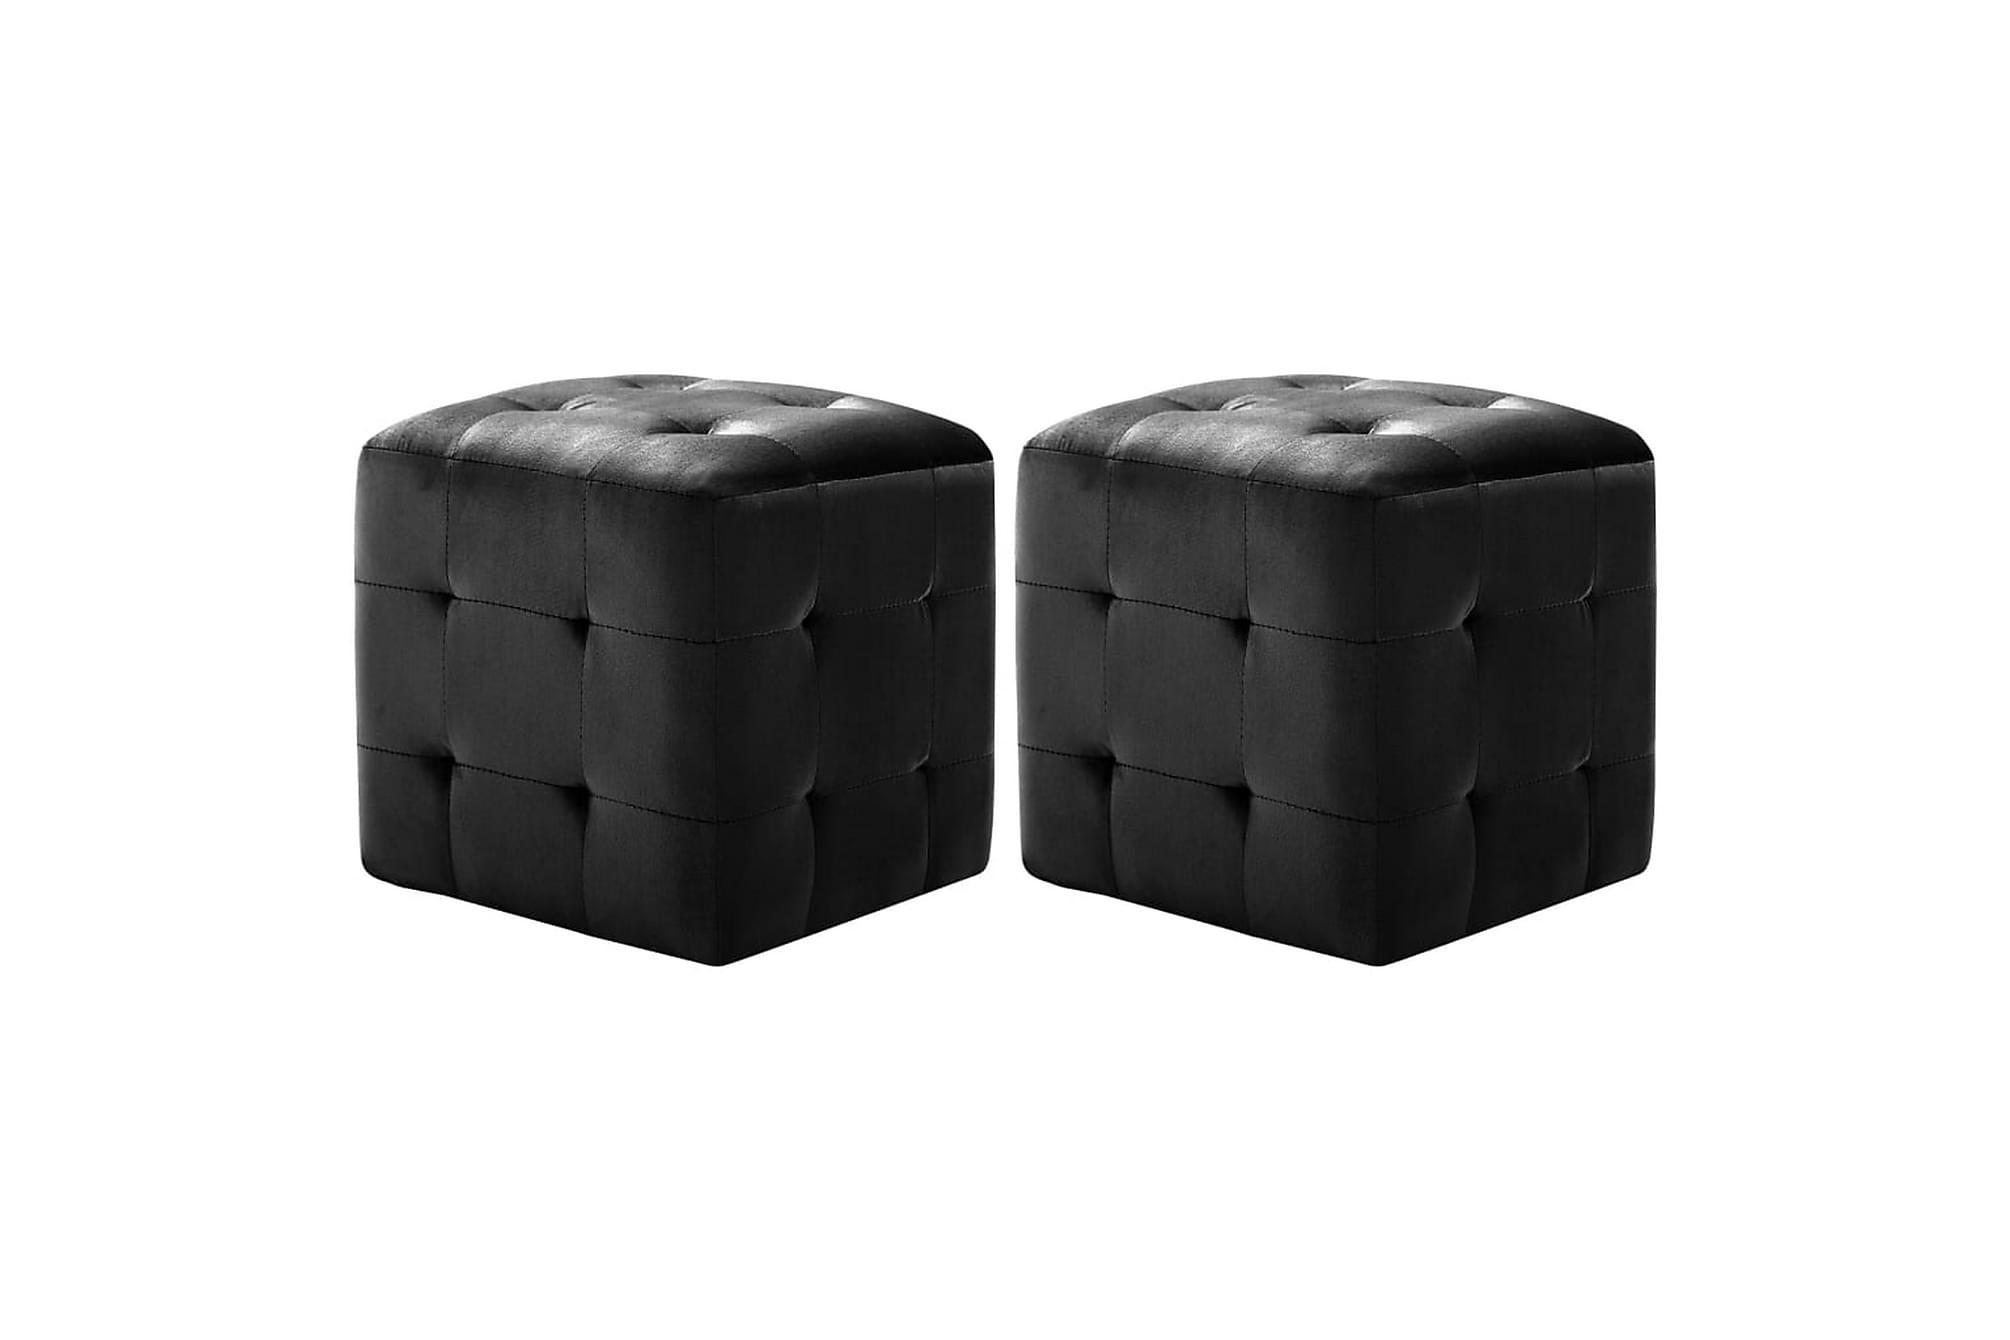 Sittpuff 2 st svart 30x30x30 cm sammetstyg